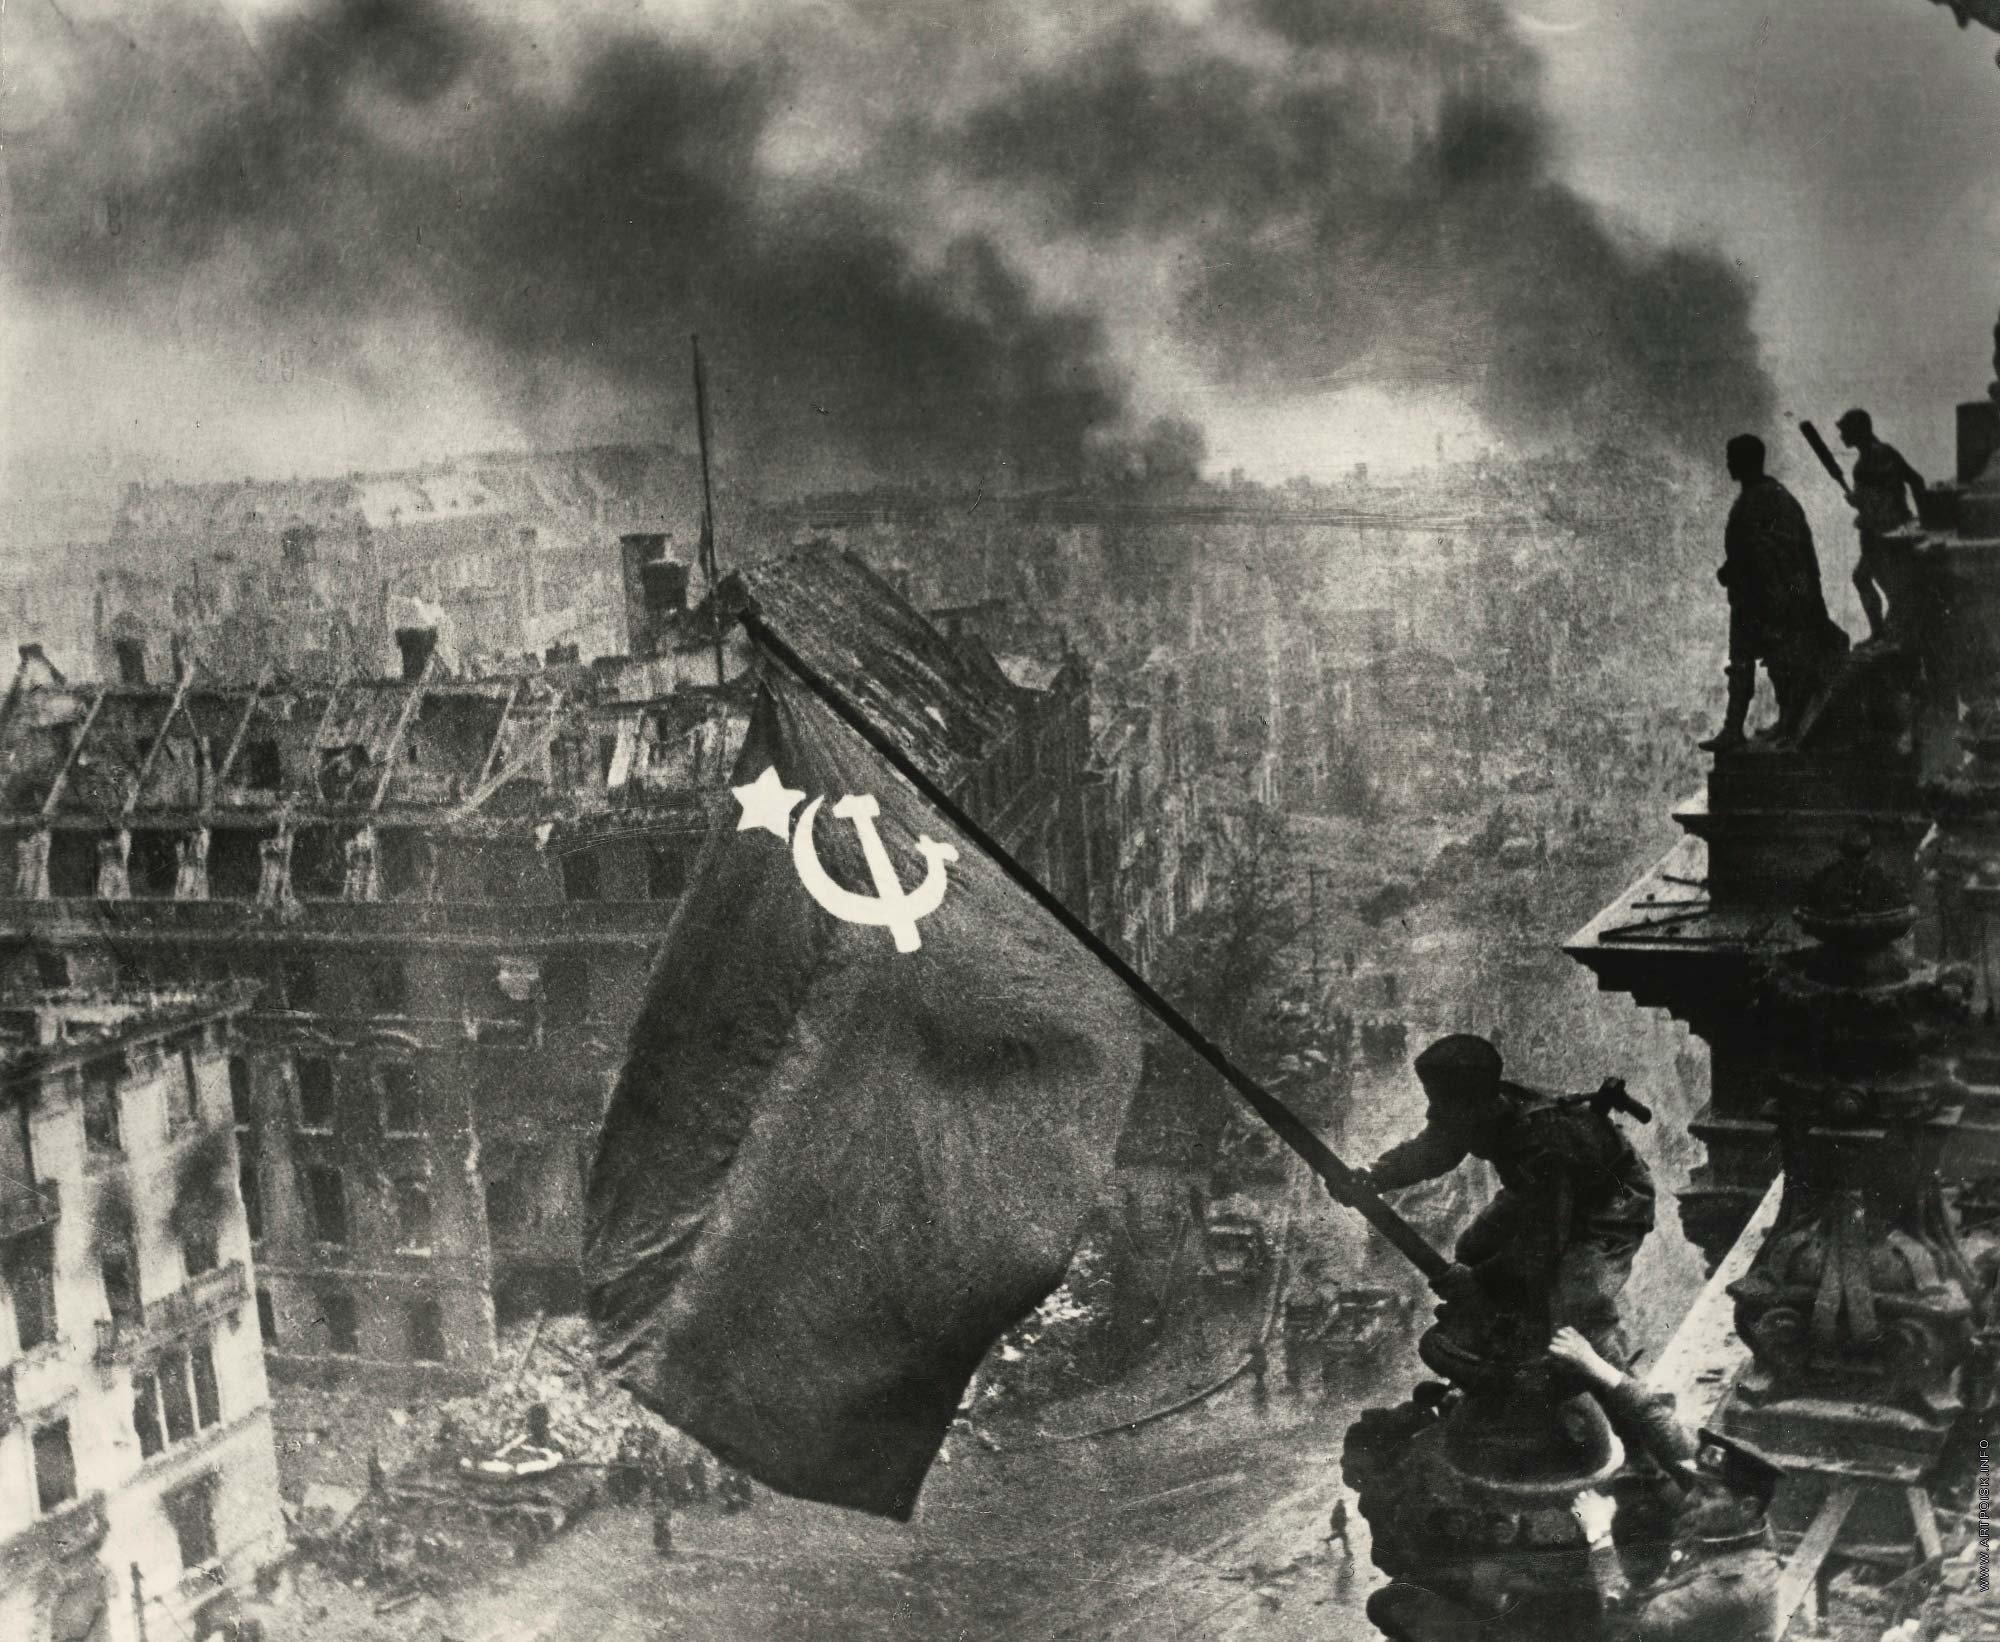 поздравления с днем победы взятия рейхстага фото